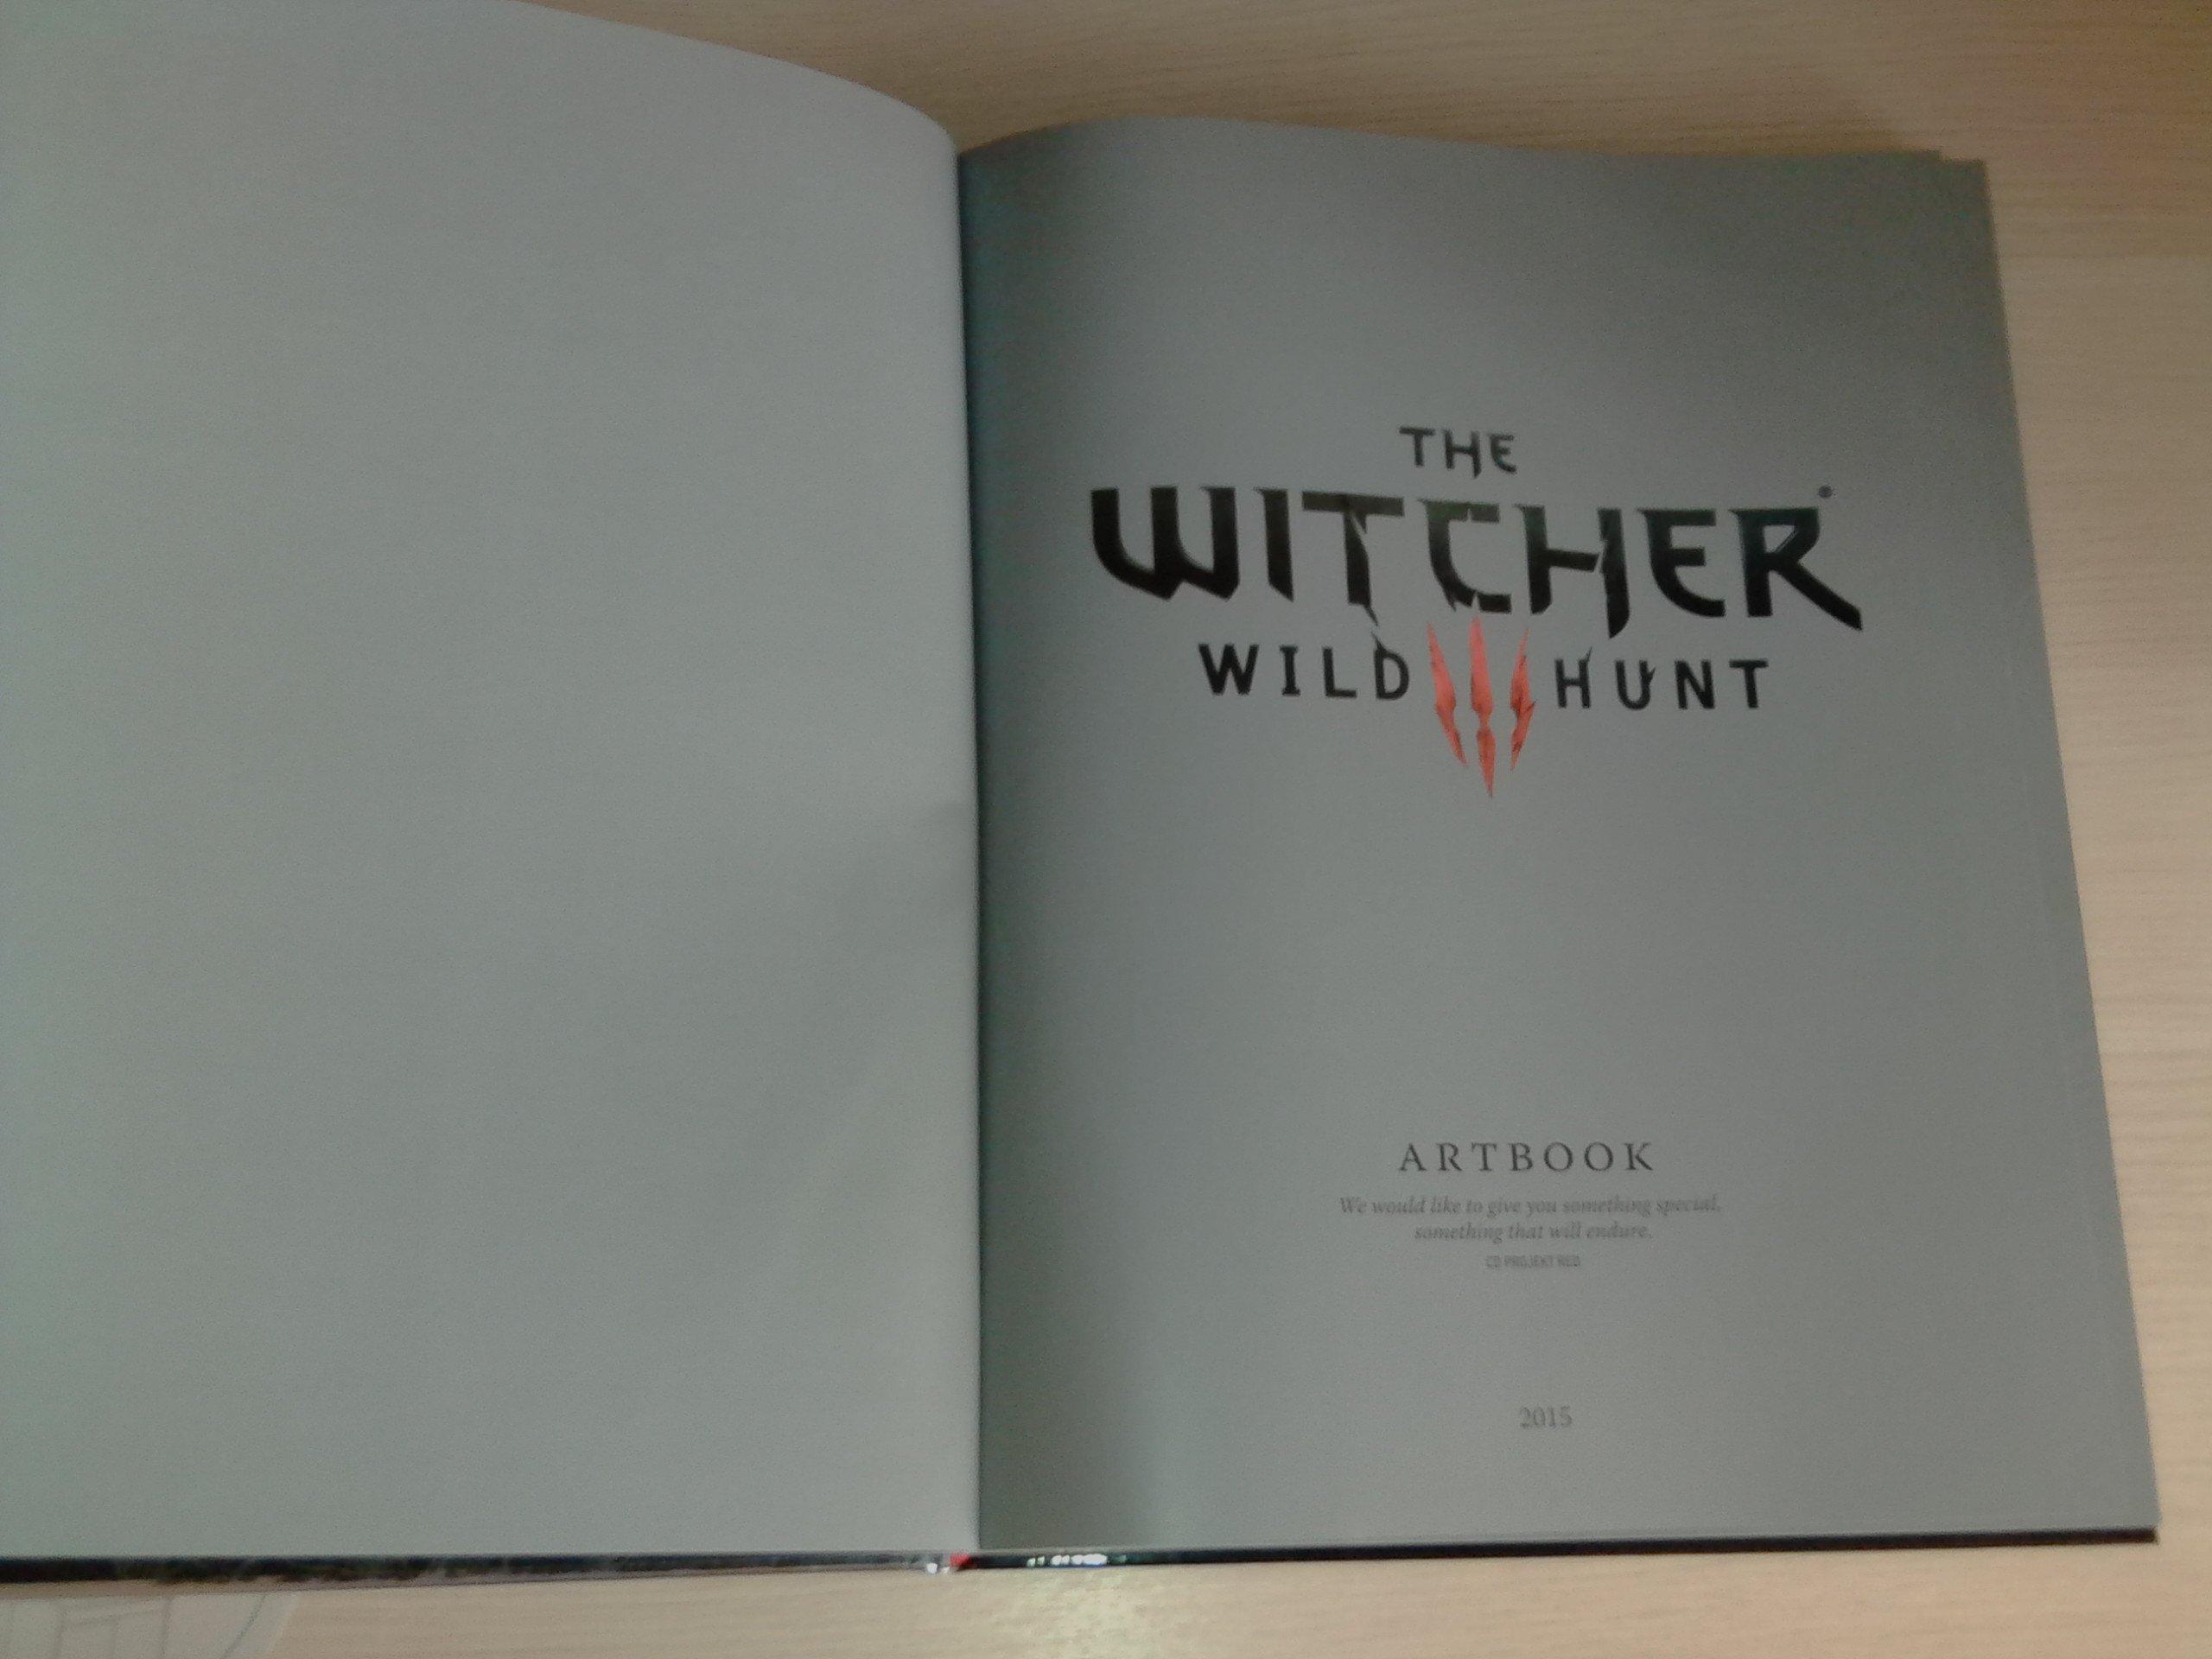 The Witcher 3: Wild Hunt. Распаковка коллекционного издания игры!     После долгого и томительного ожидания, сквозь  ... - Изображение 8